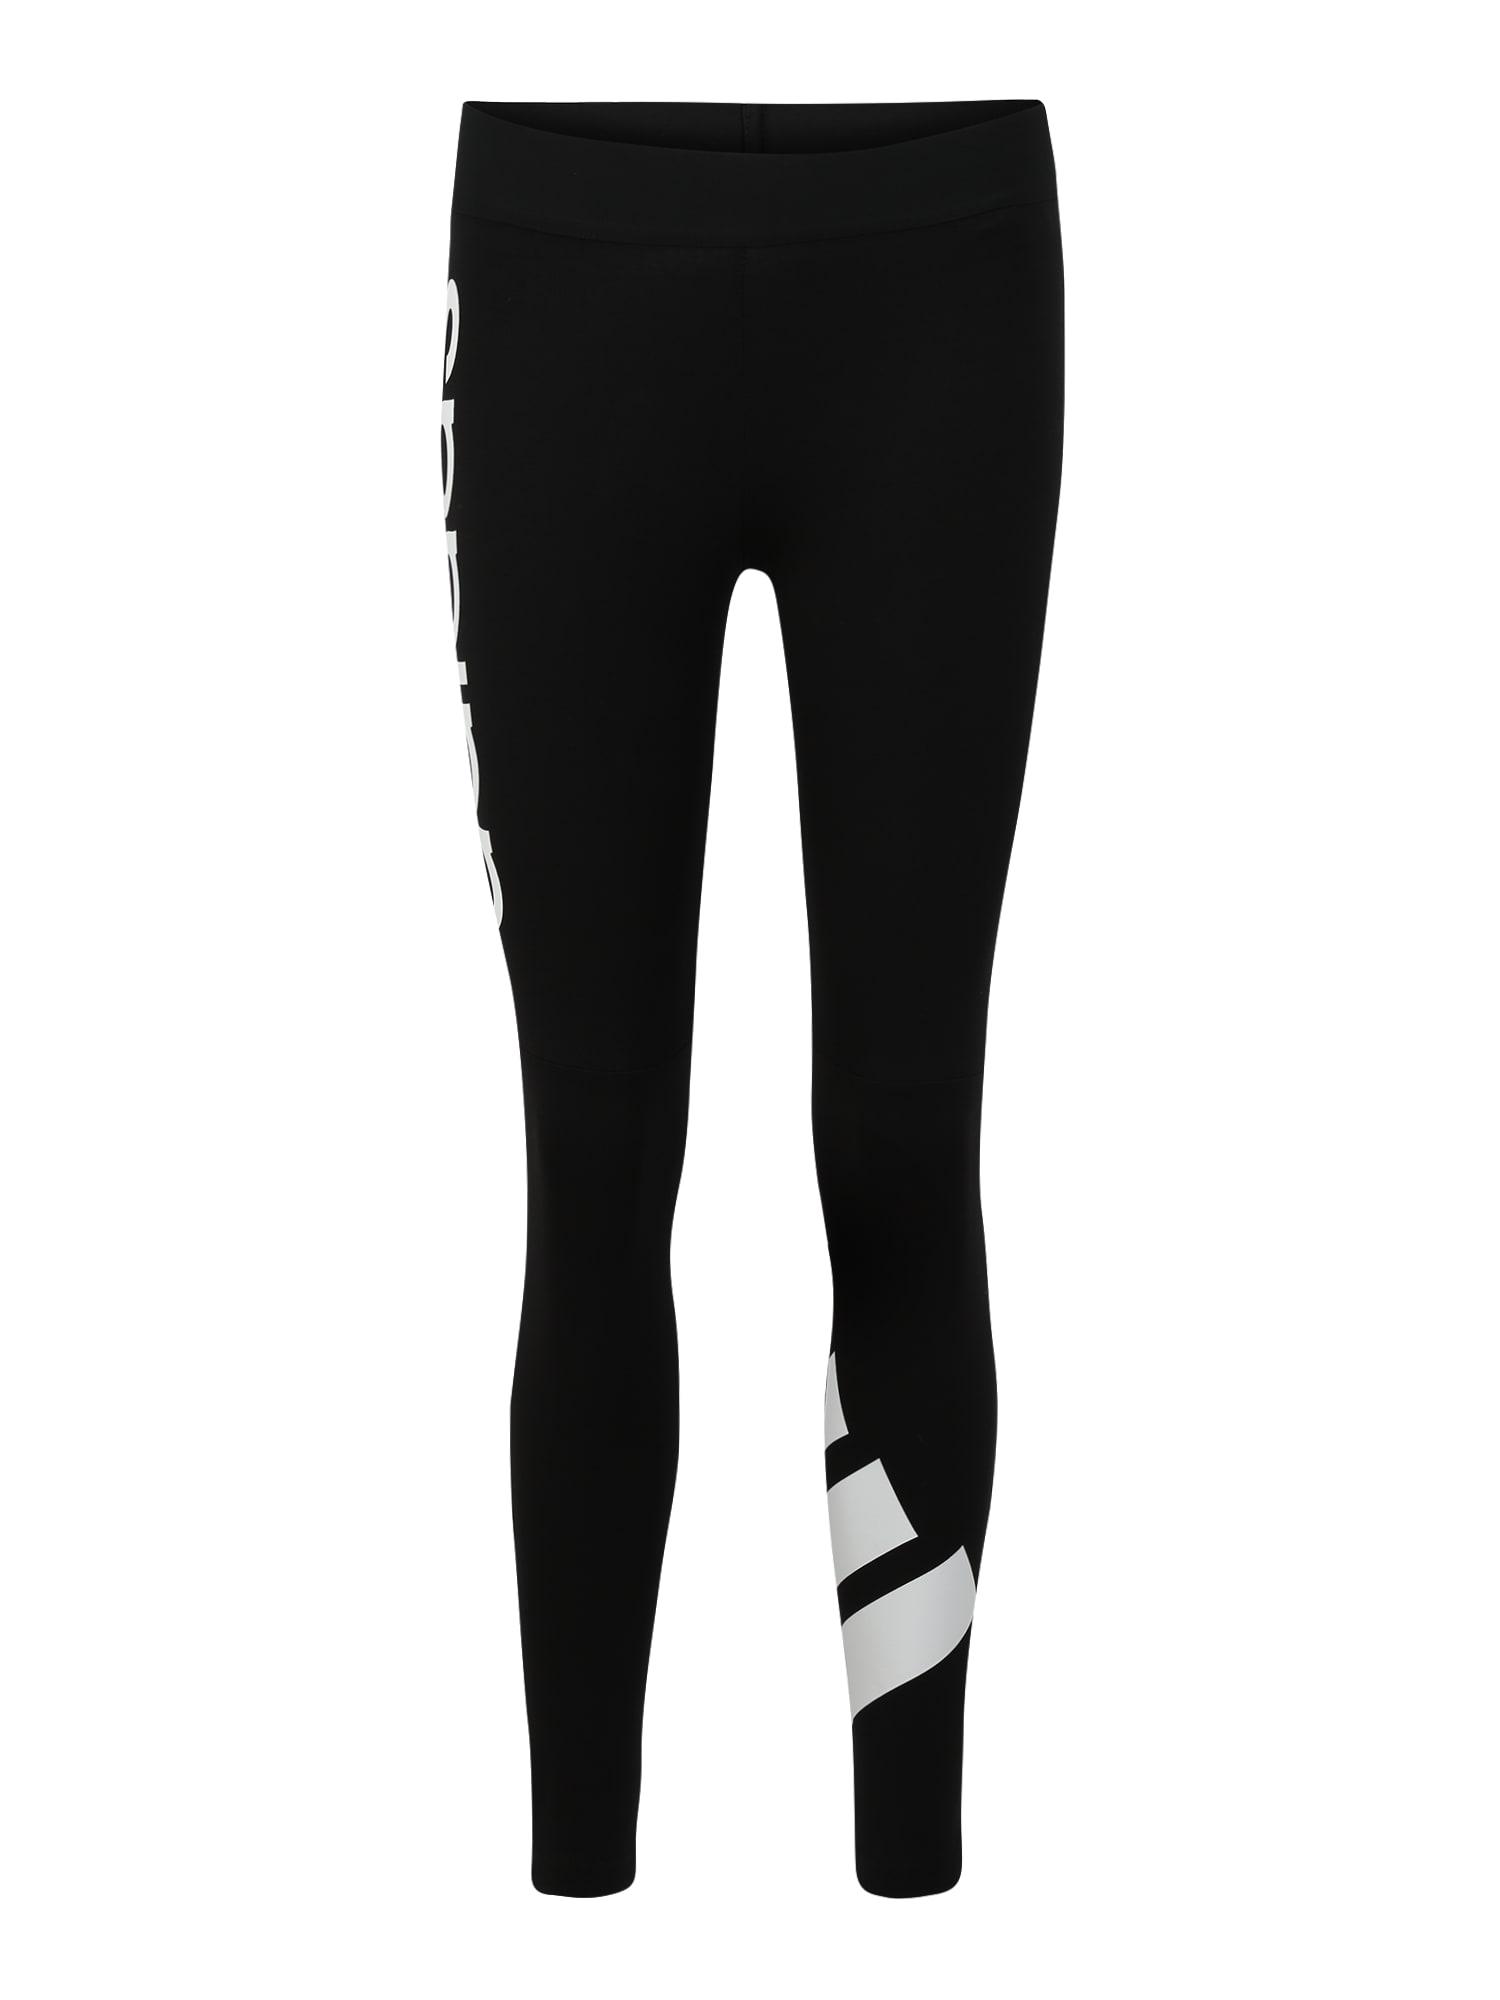 ADIDAS PERFORMANCE Sportinės kelnės 'W 2CB 78' balta / juoda